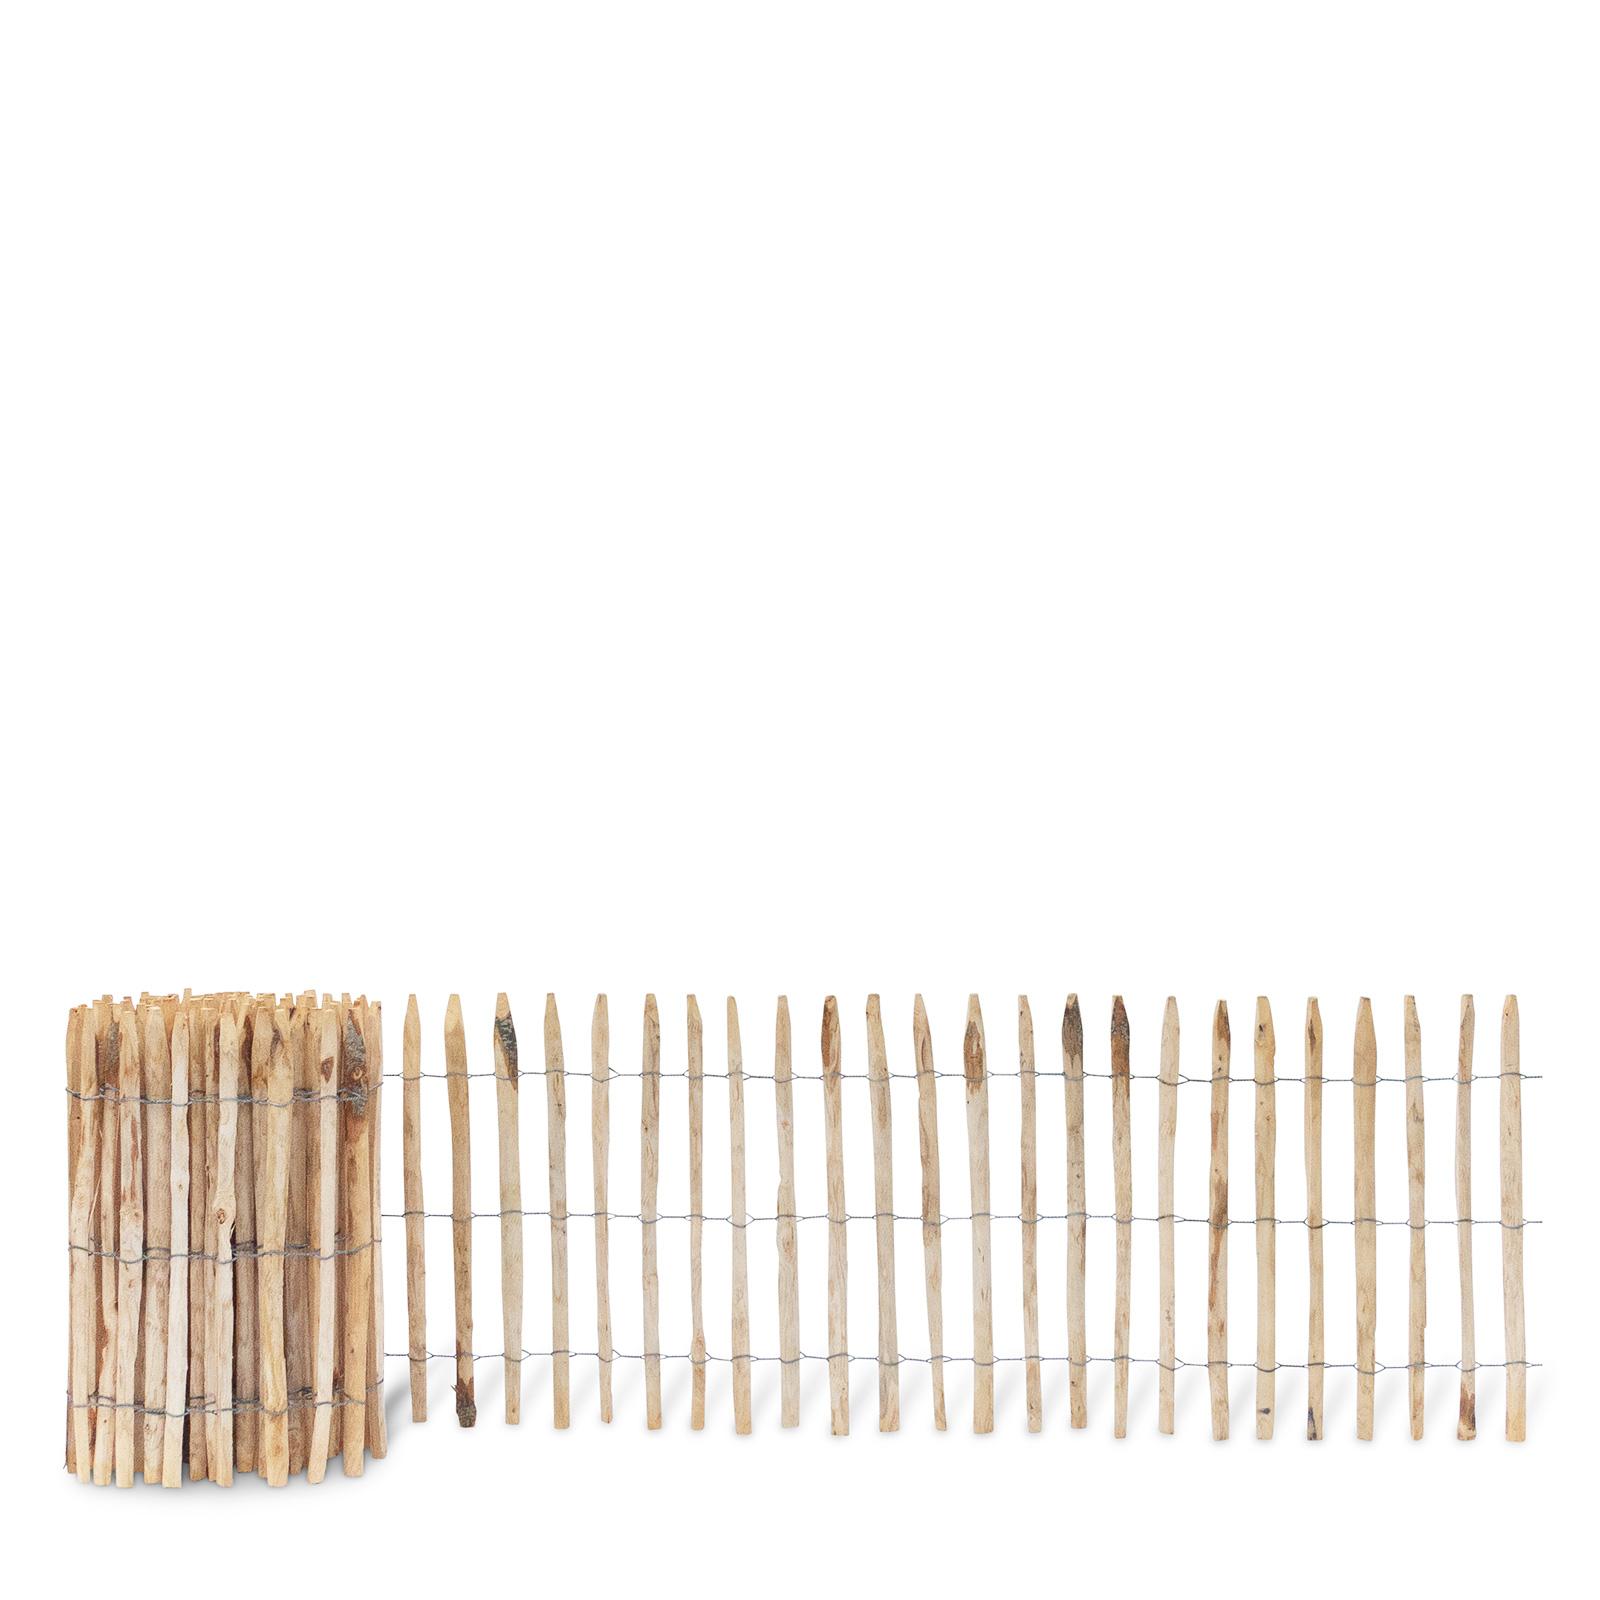 Französischer Staketenzaun aus Kastanienholz, 80 cm hoch mit einem Lattenabstand von 4-5 Zentimetern. Mit seinen angespitzten und verdrahteten Hölzern passt der schöne Zaun in jede Umgebung. Ganz ohne Pflege hält der natürliche Gartenzaun rund 20 Jahre.